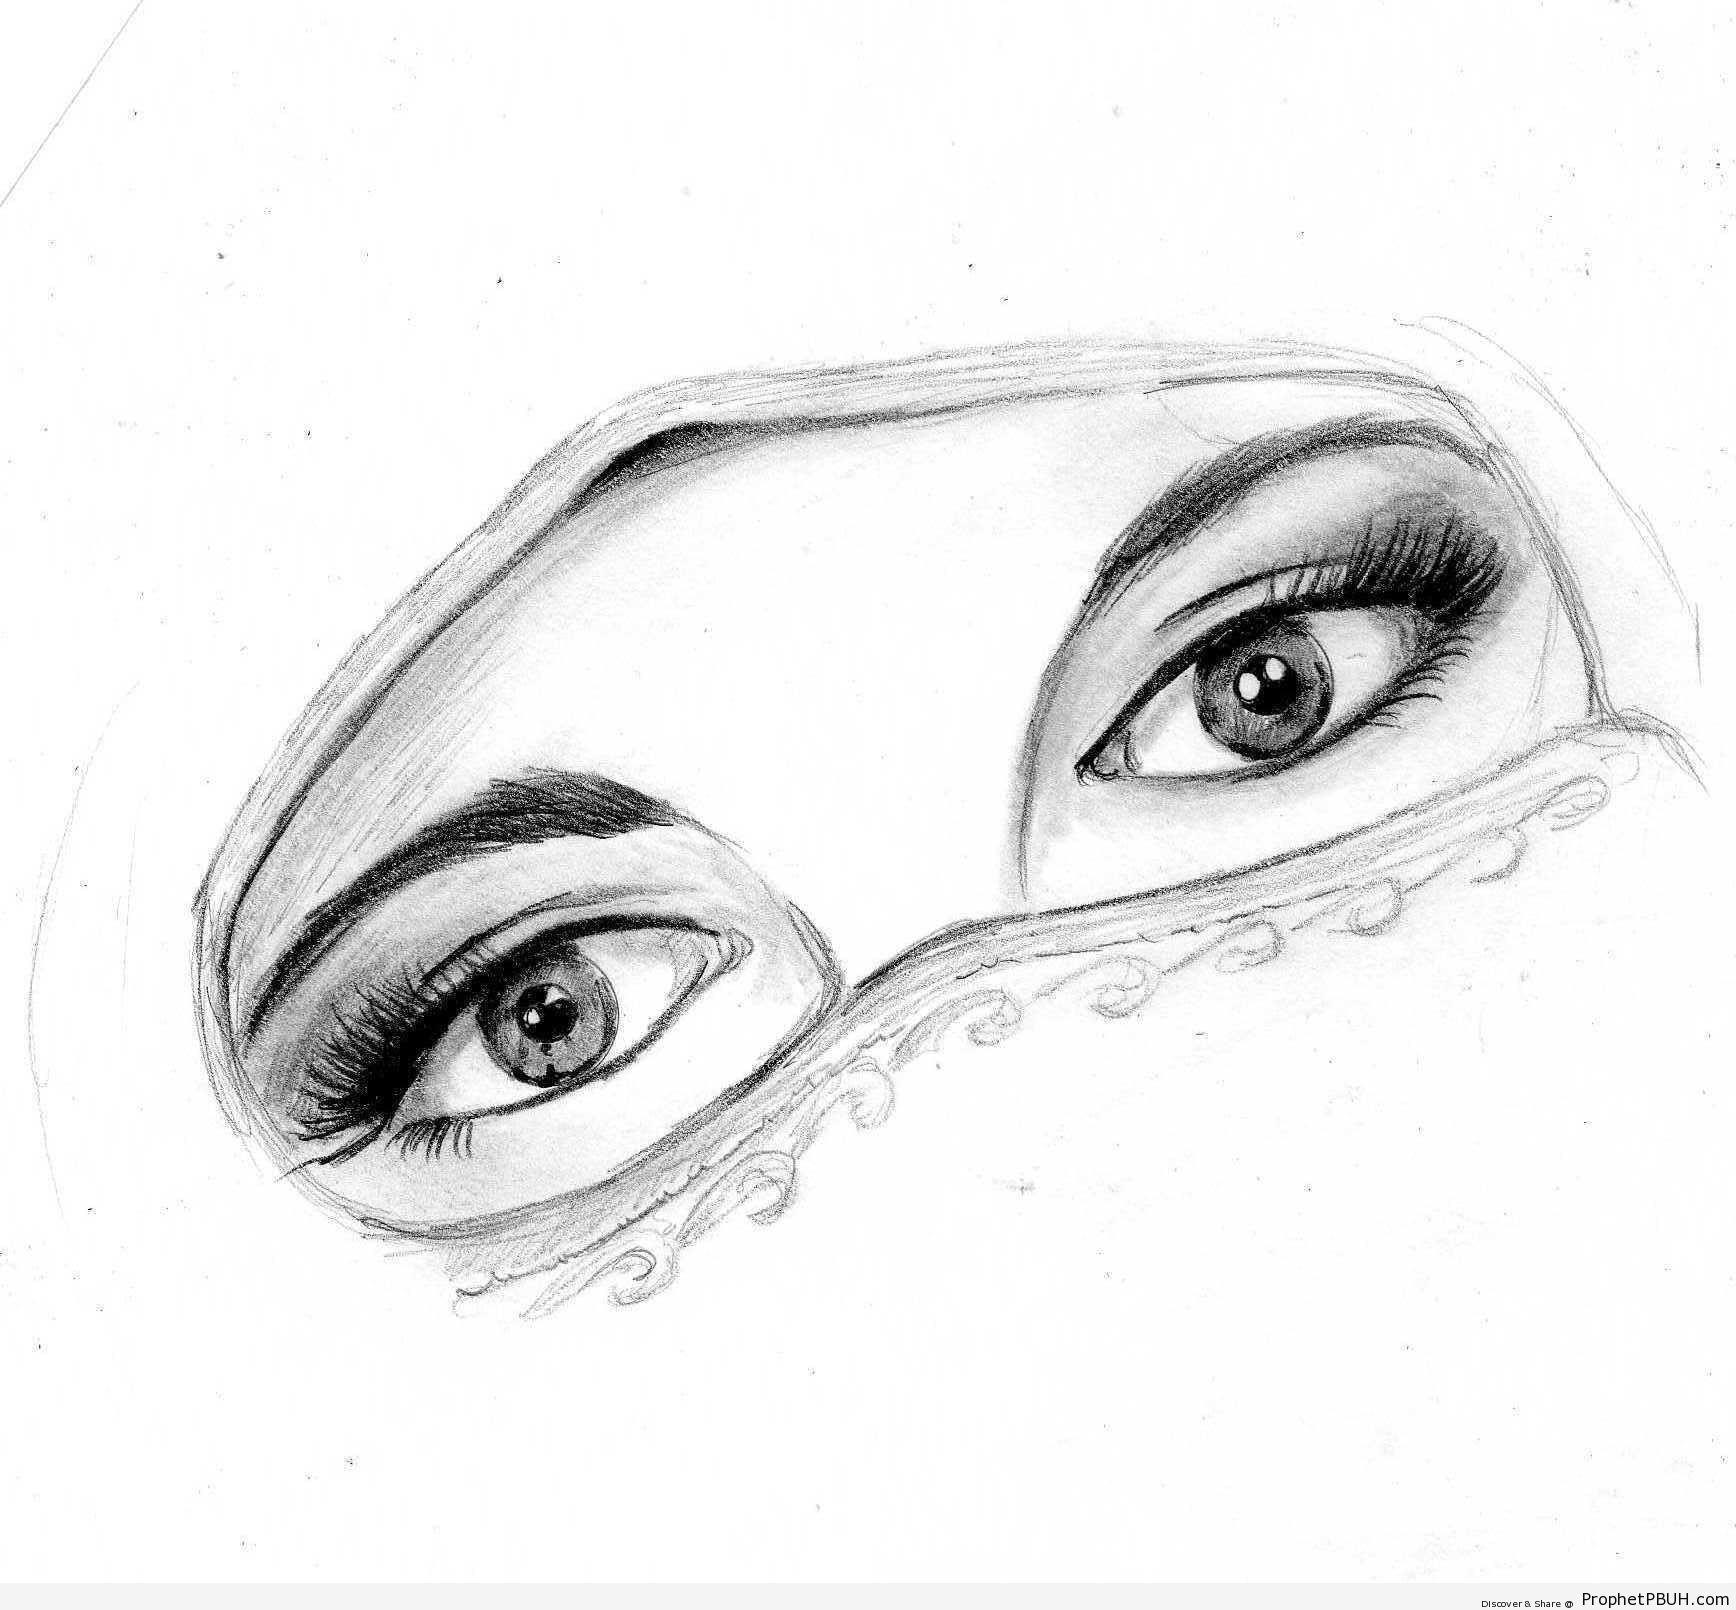 Niqab Eyes - Drawings